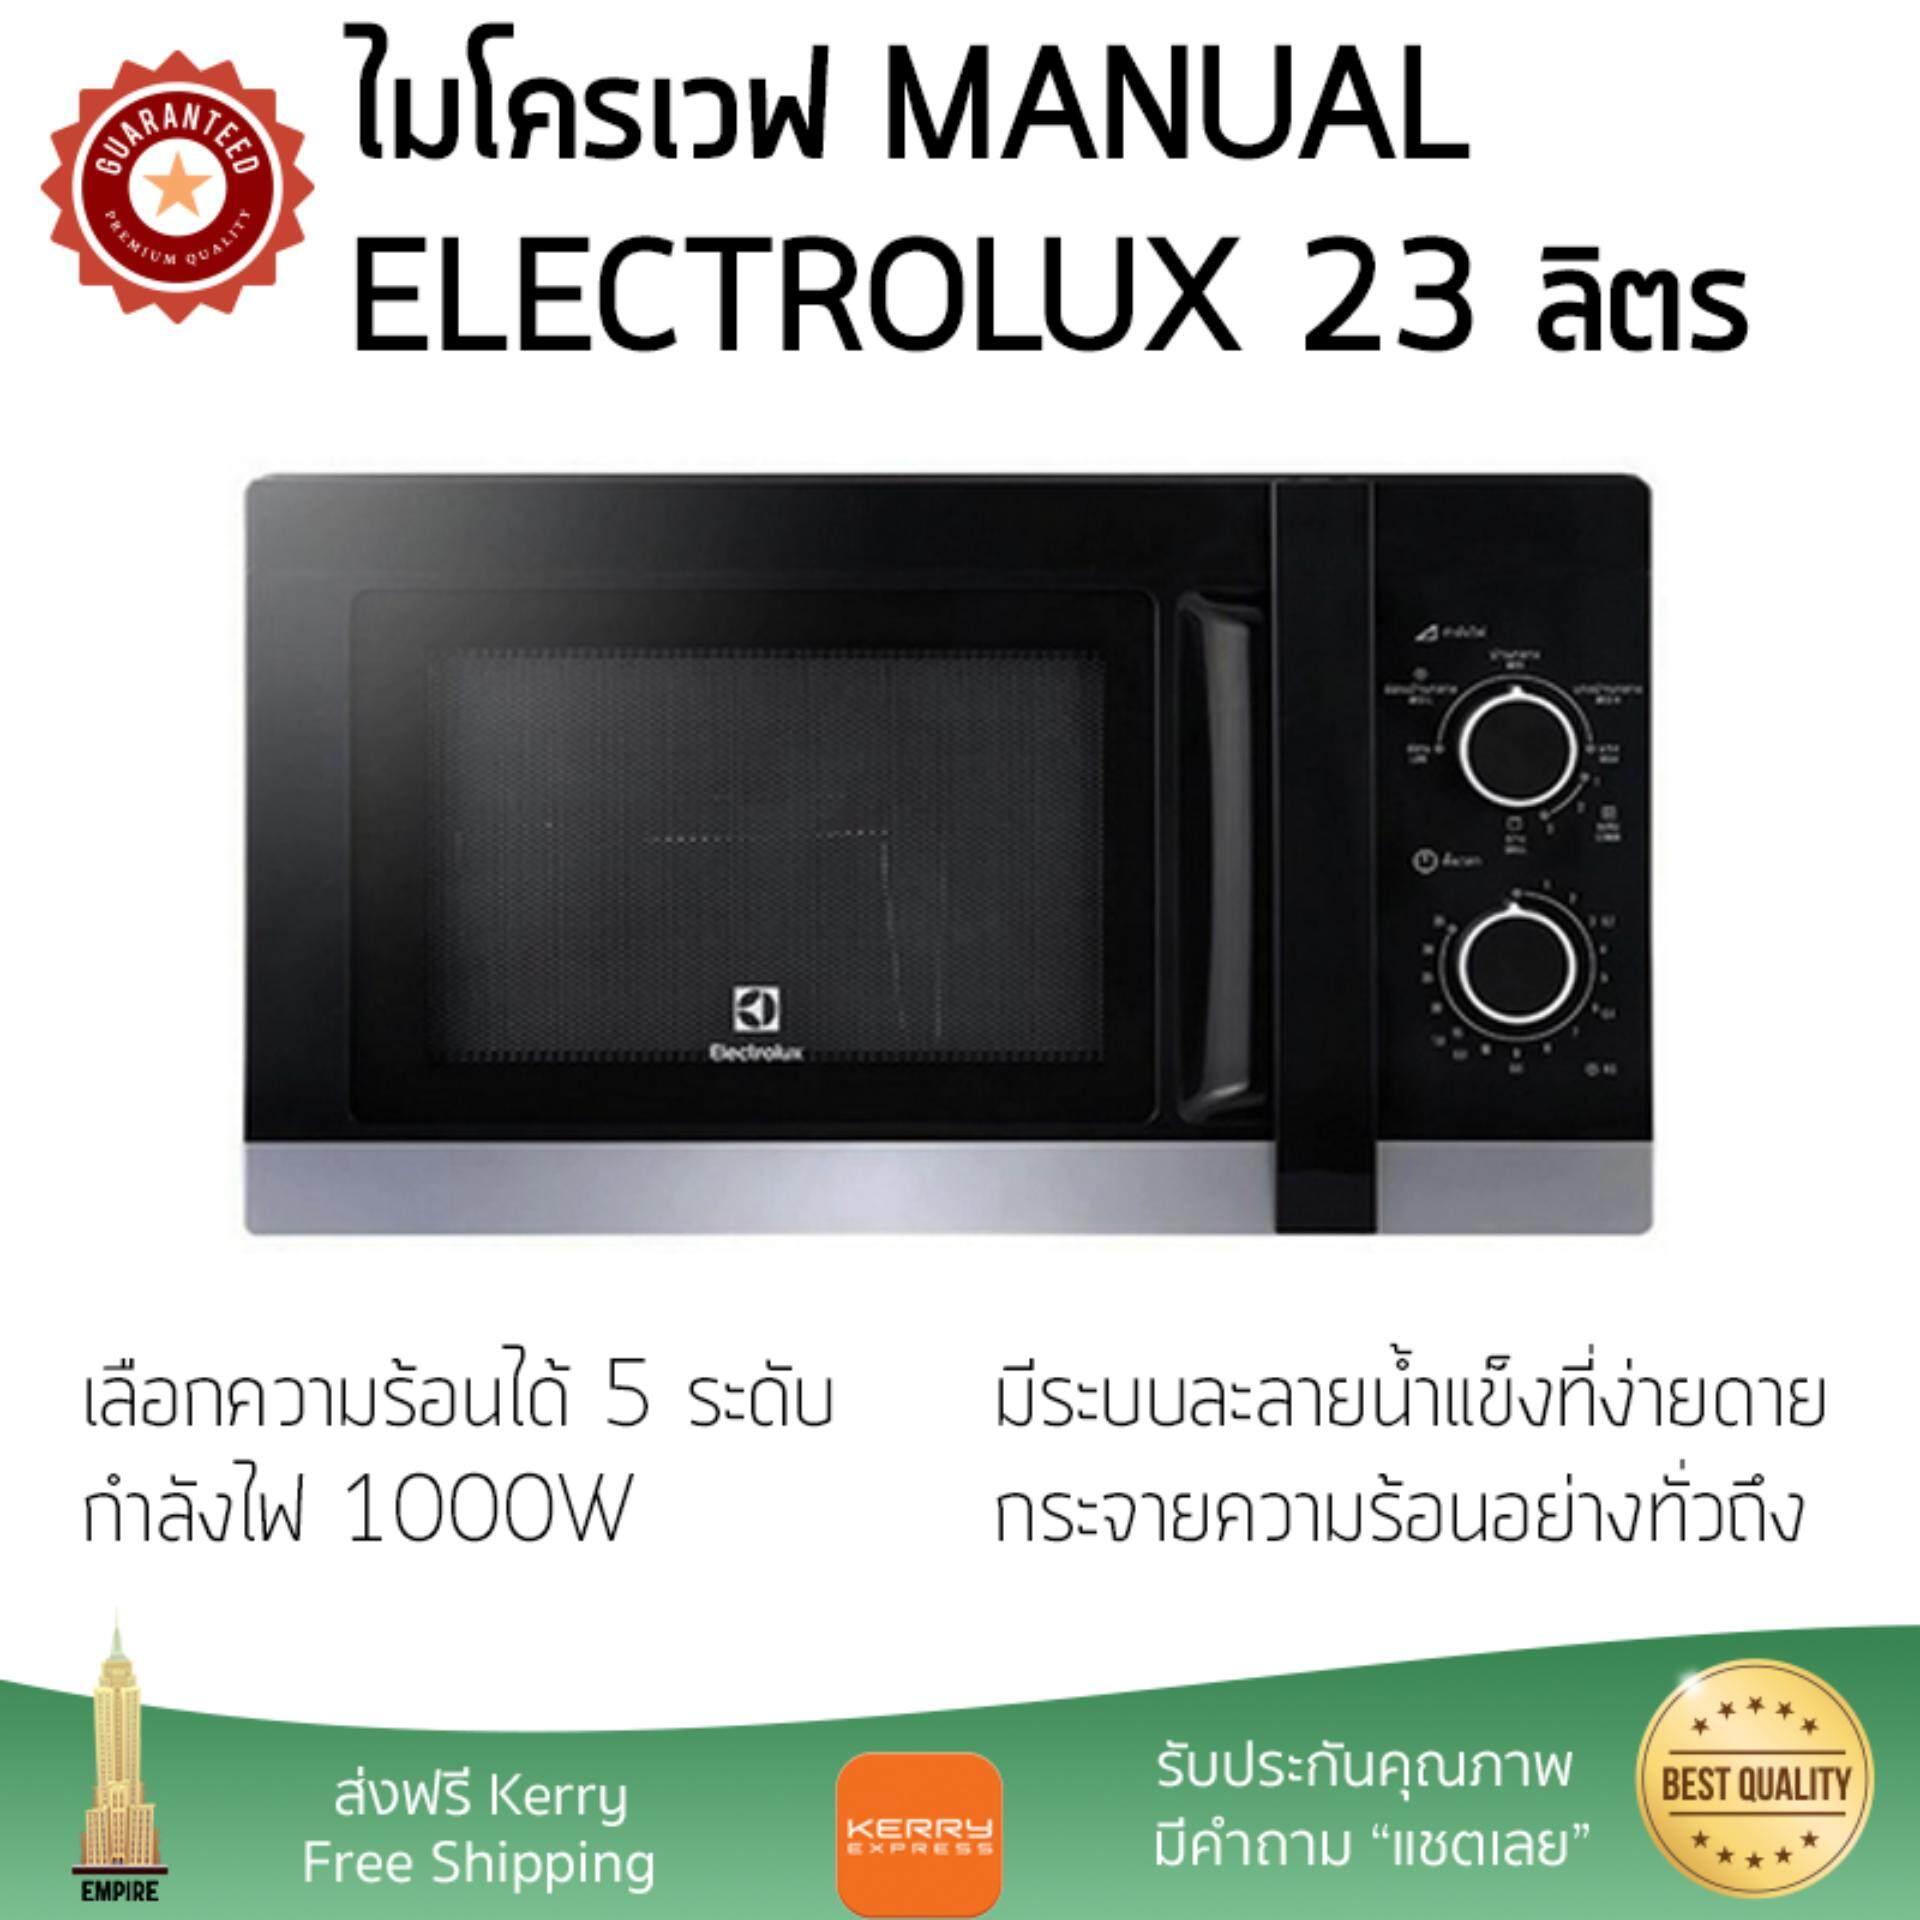 รุ่นใหม่ล่าสุด ไมโครเวฟ เตาอบไมโครเวฟ ไมโครเวฟMANUAL ELECTROLUX EMM2333MK 23 ลิตร | ELECTROLUX | EMM2333MK ปรับระดับความร้อนได้หลายระดับ  มีฟังก์ชันละลายน้ำแข็ง ใช้งานง่าย Microwave จัดส่งฟรีทั่วประเทศ